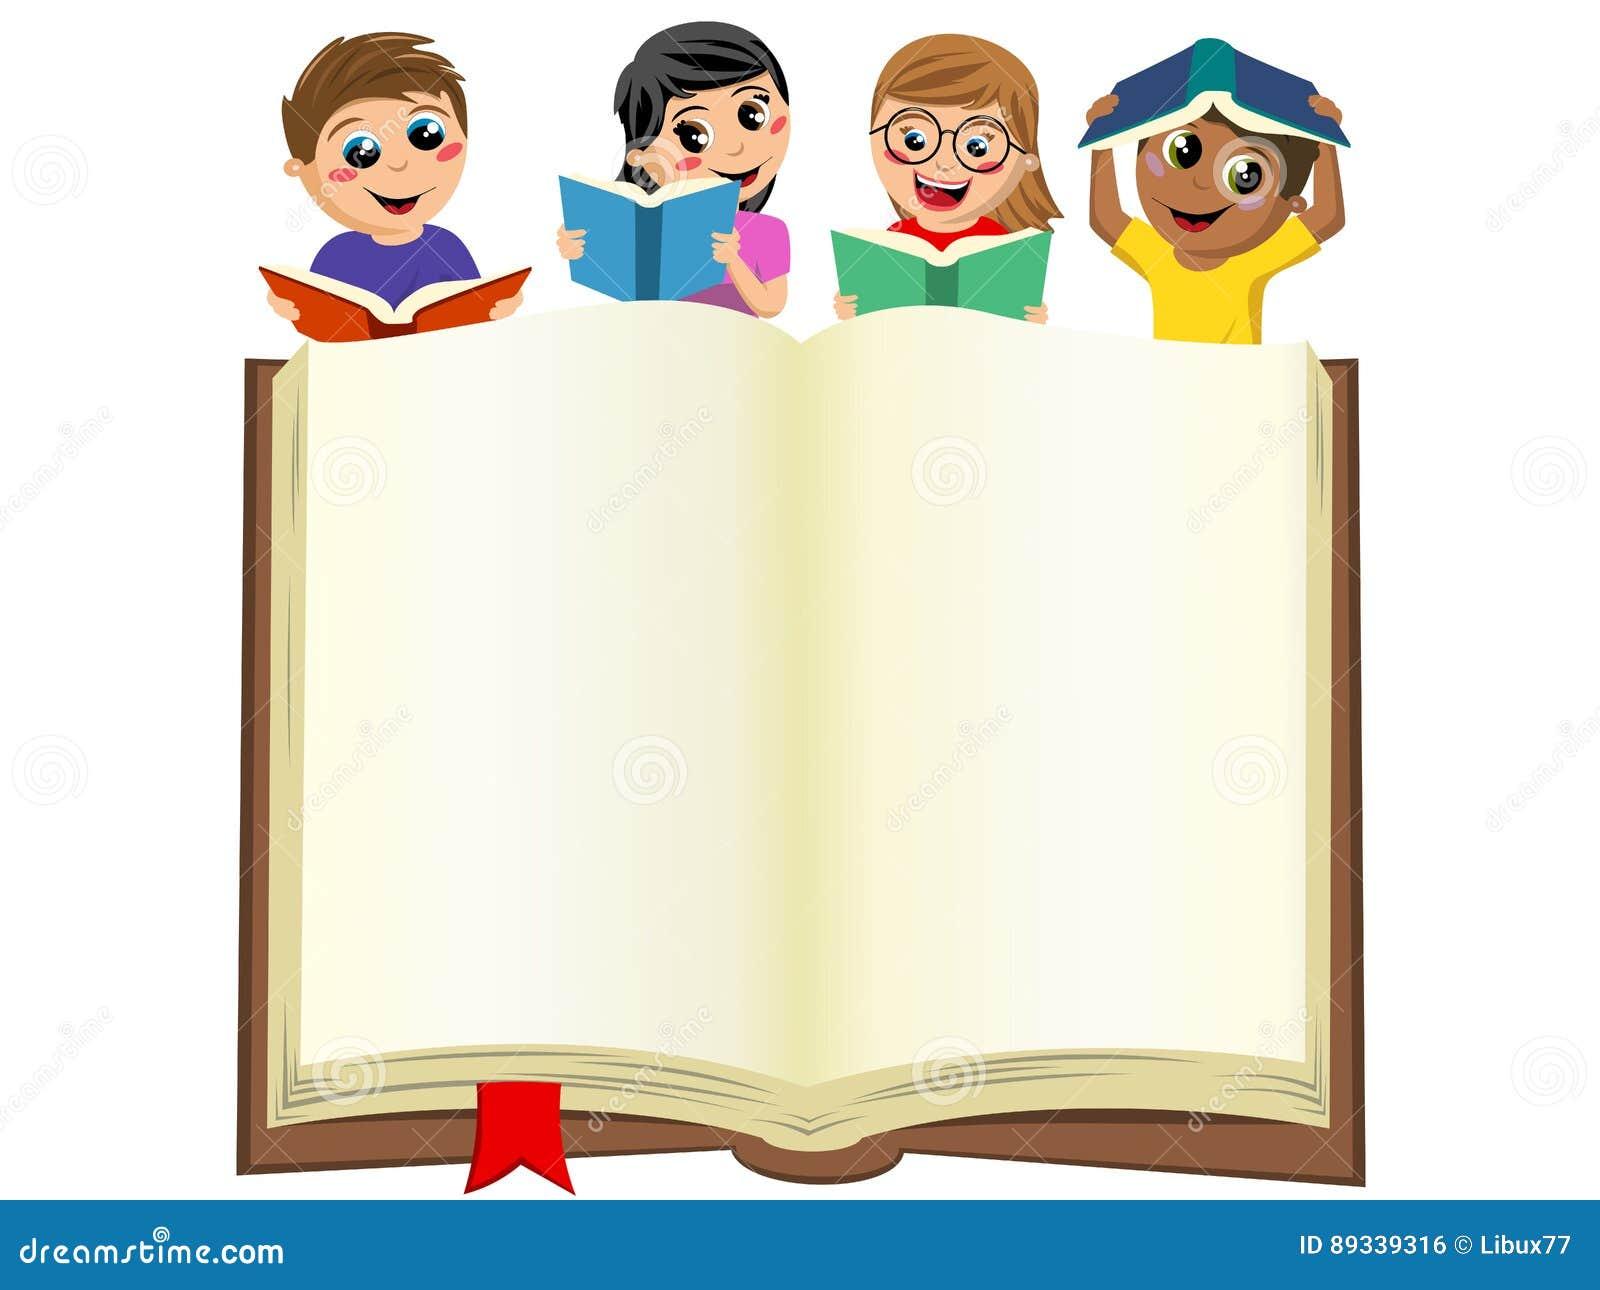 Чтение многокультурных детей детей играя за изолированной книгой пробела открытой большой